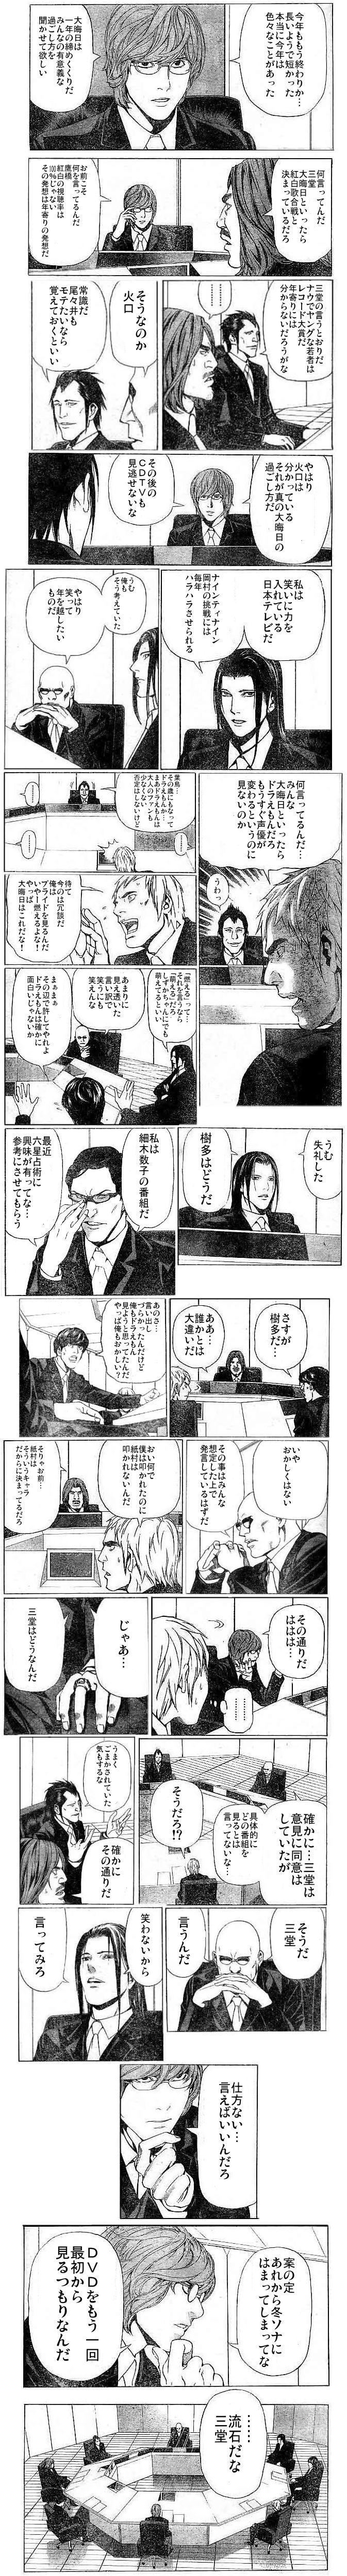 ヨツバ社員「大晦日会議」2004